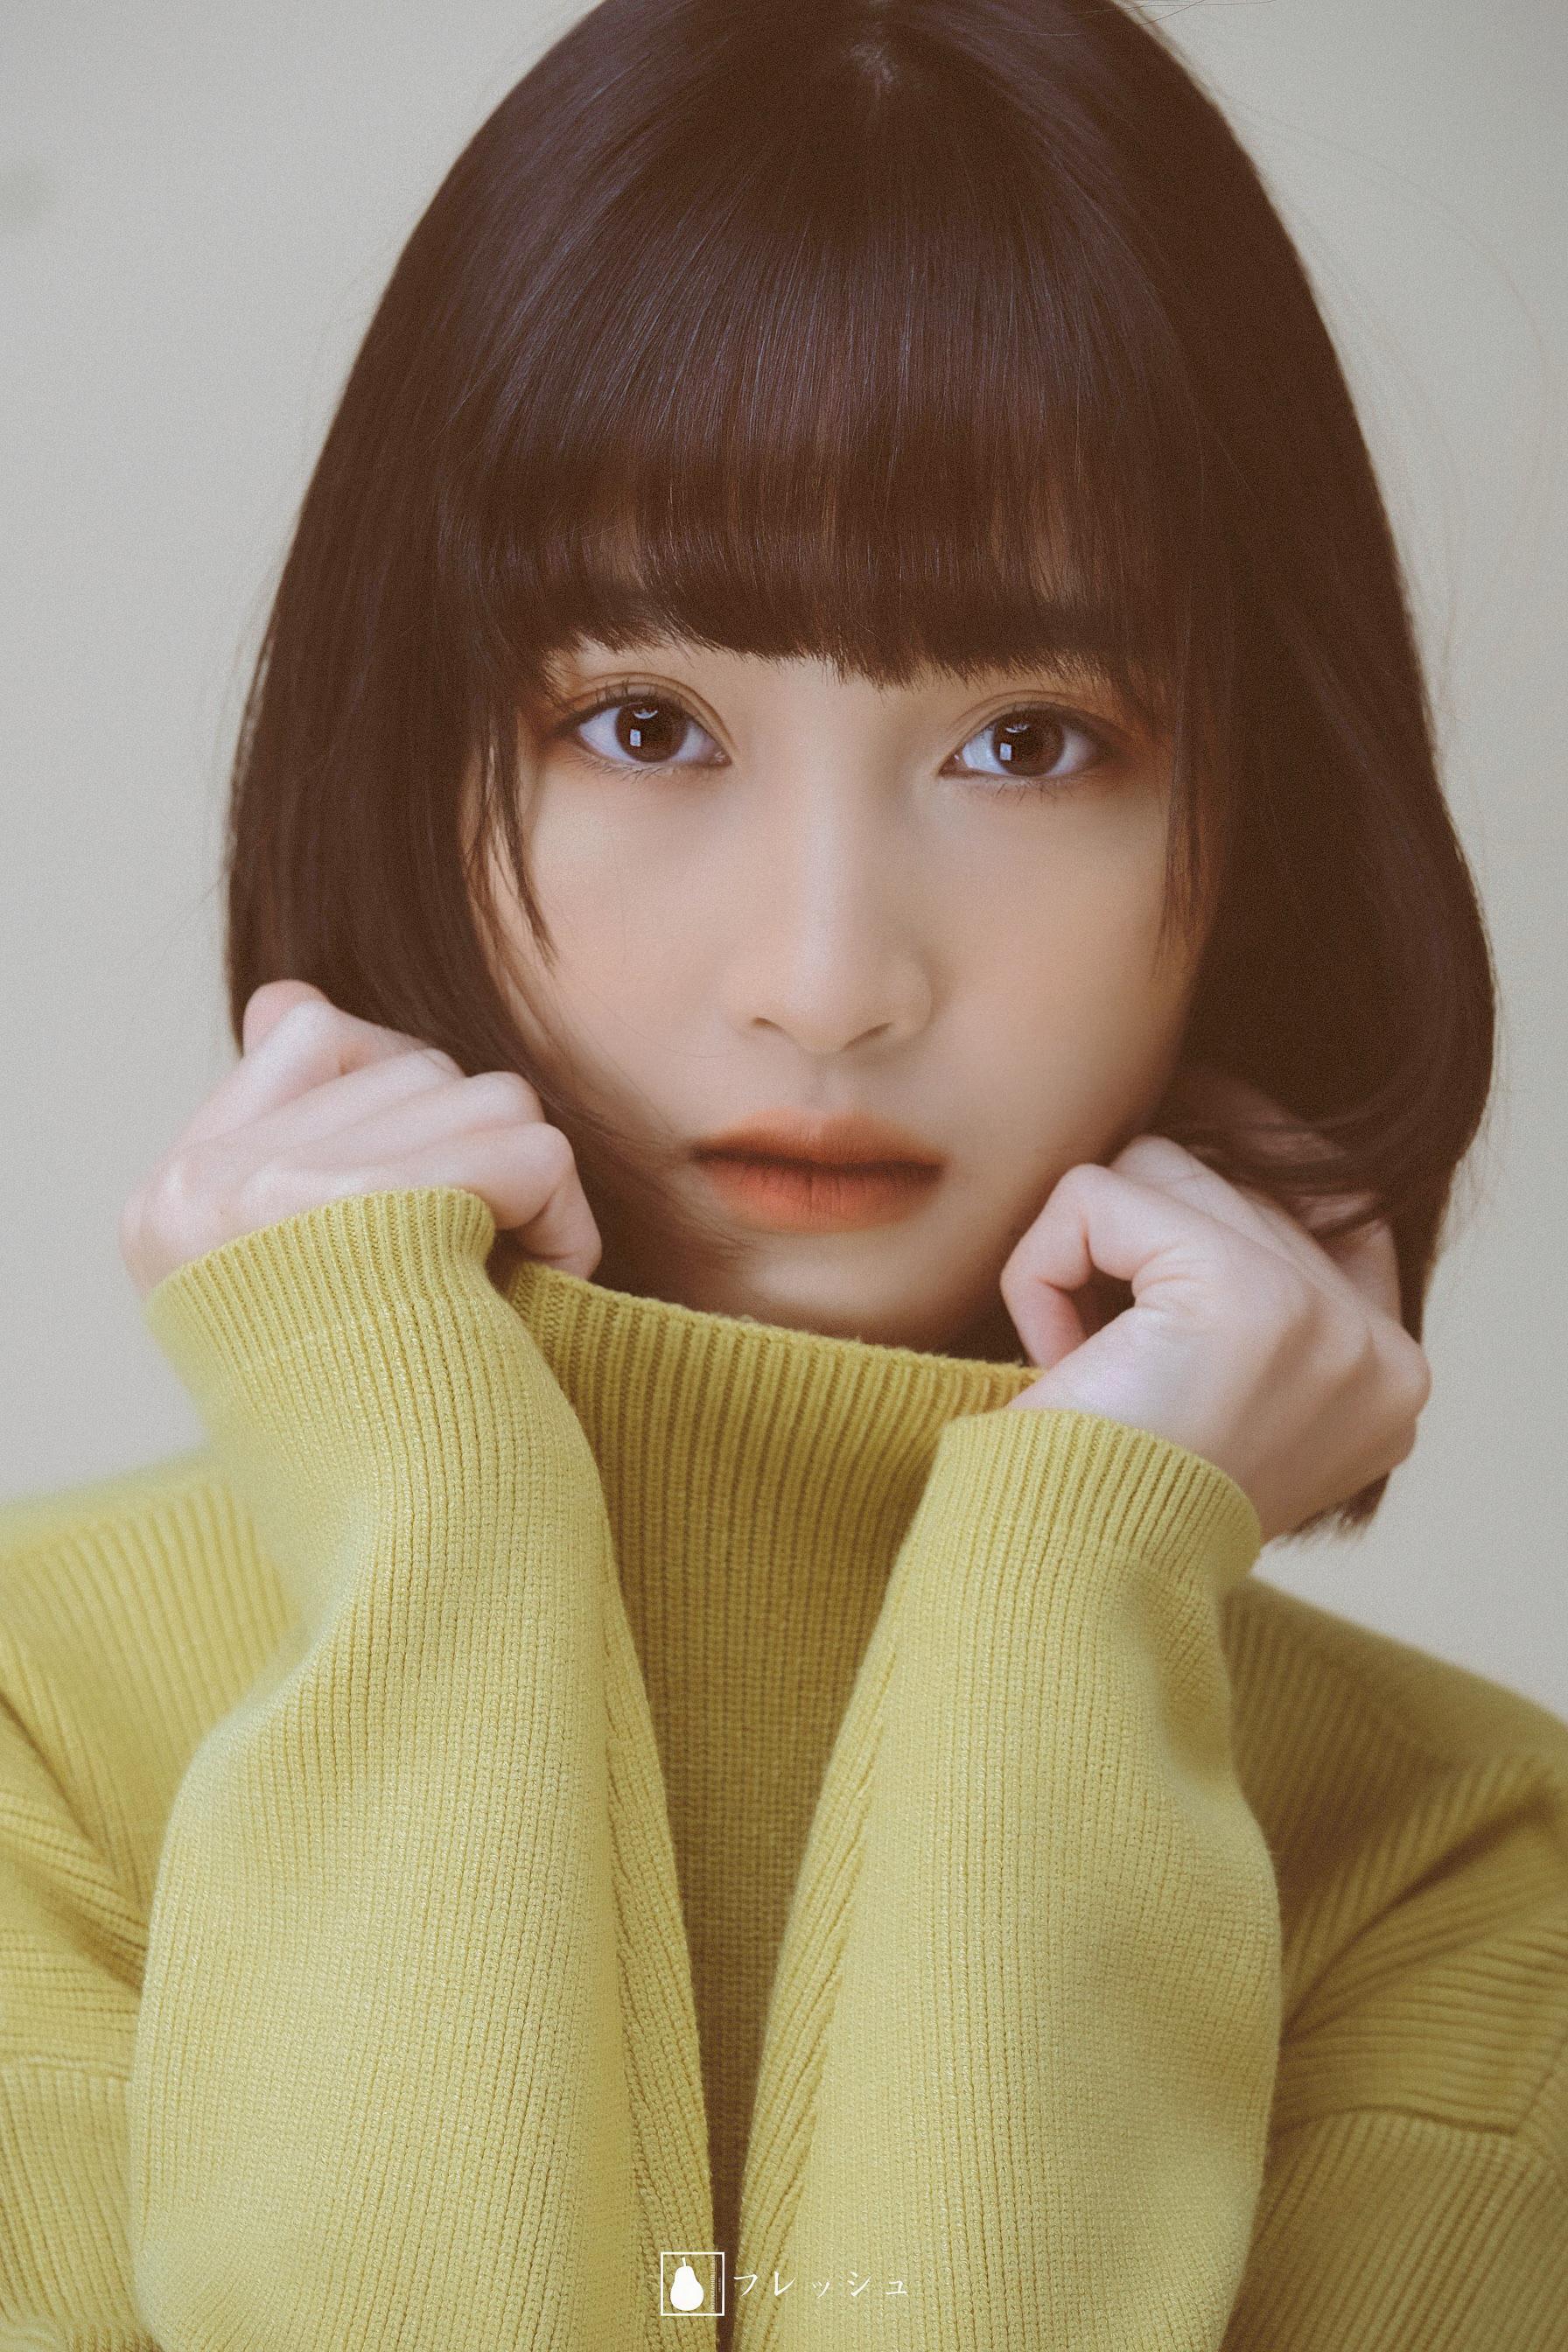 Juky San 'gây thương nhớ' với vẻ đẹp mong manh, hé lộ dự án đặc biệt dành tặng người hâm mộ Ảnh 2